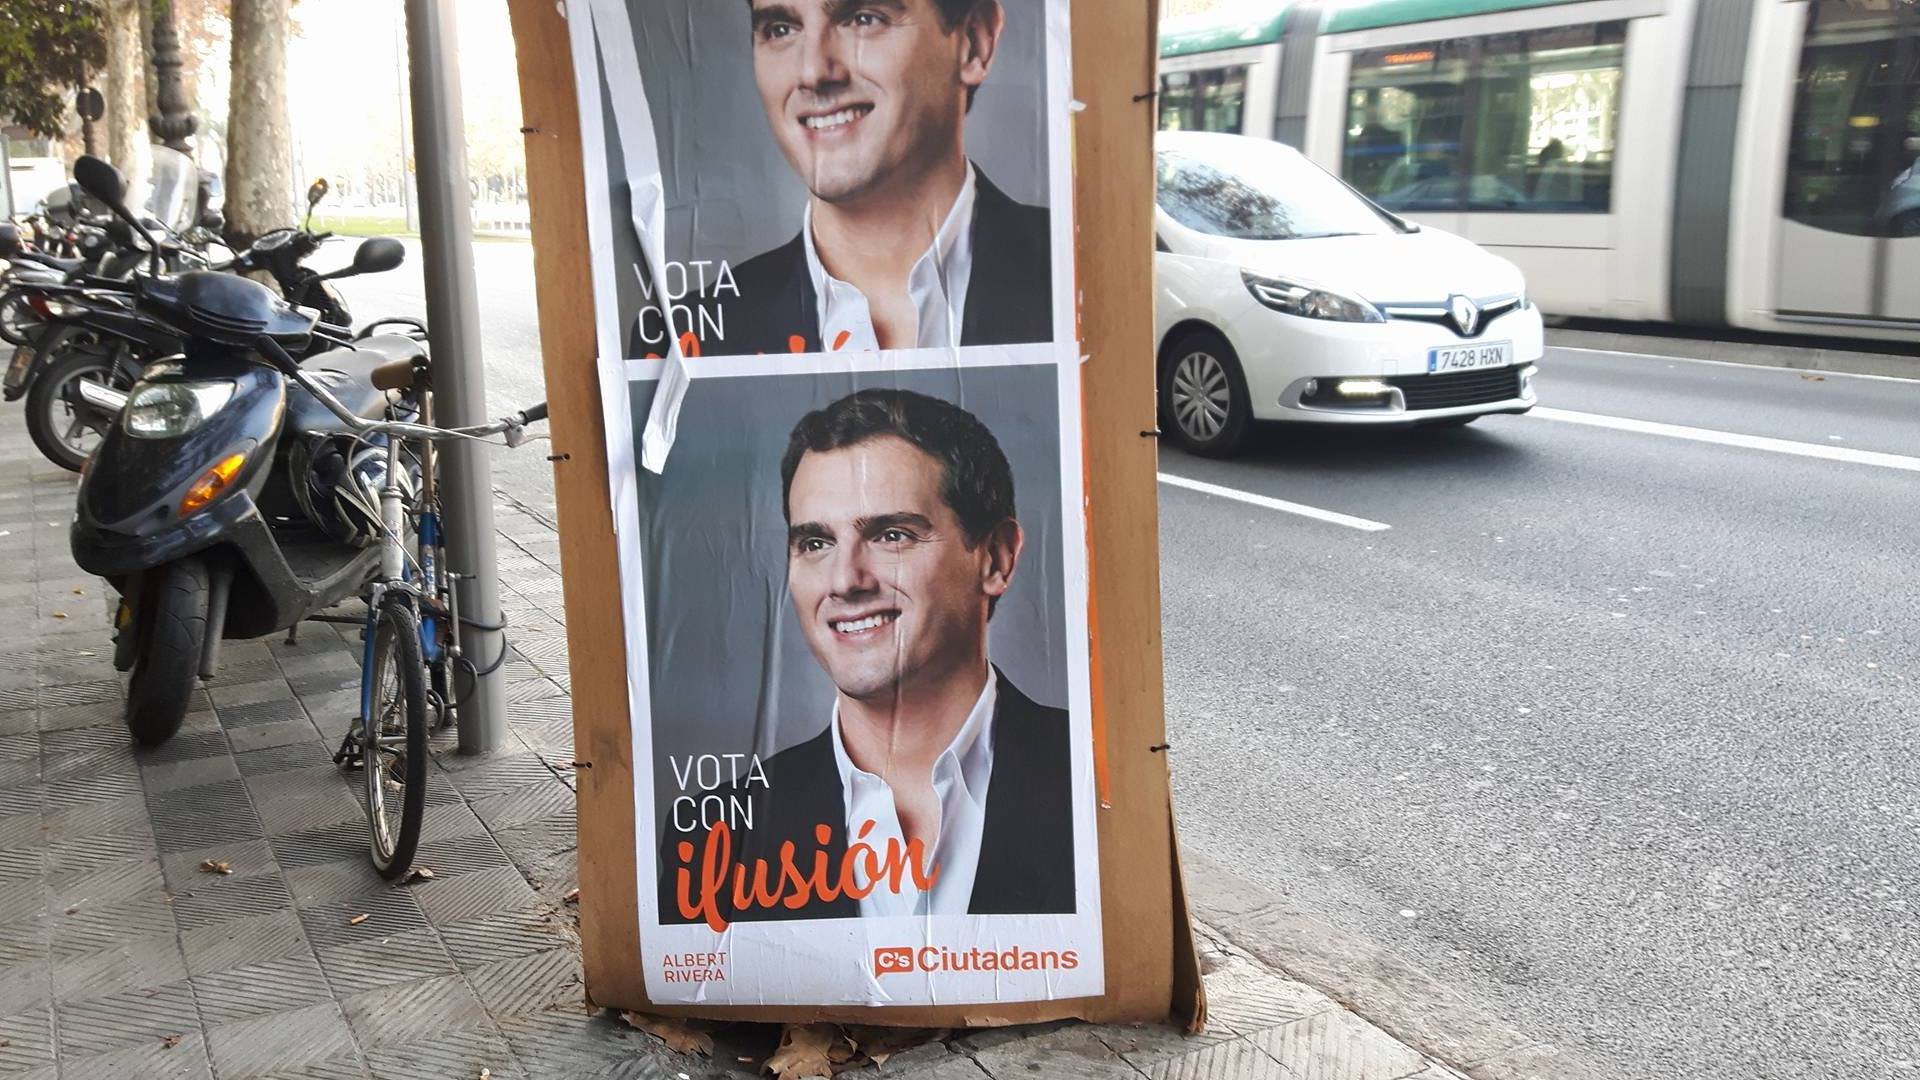 【二大政党制の崩壊と政局不安】~特集「2016年を占う!」スペイン政治~